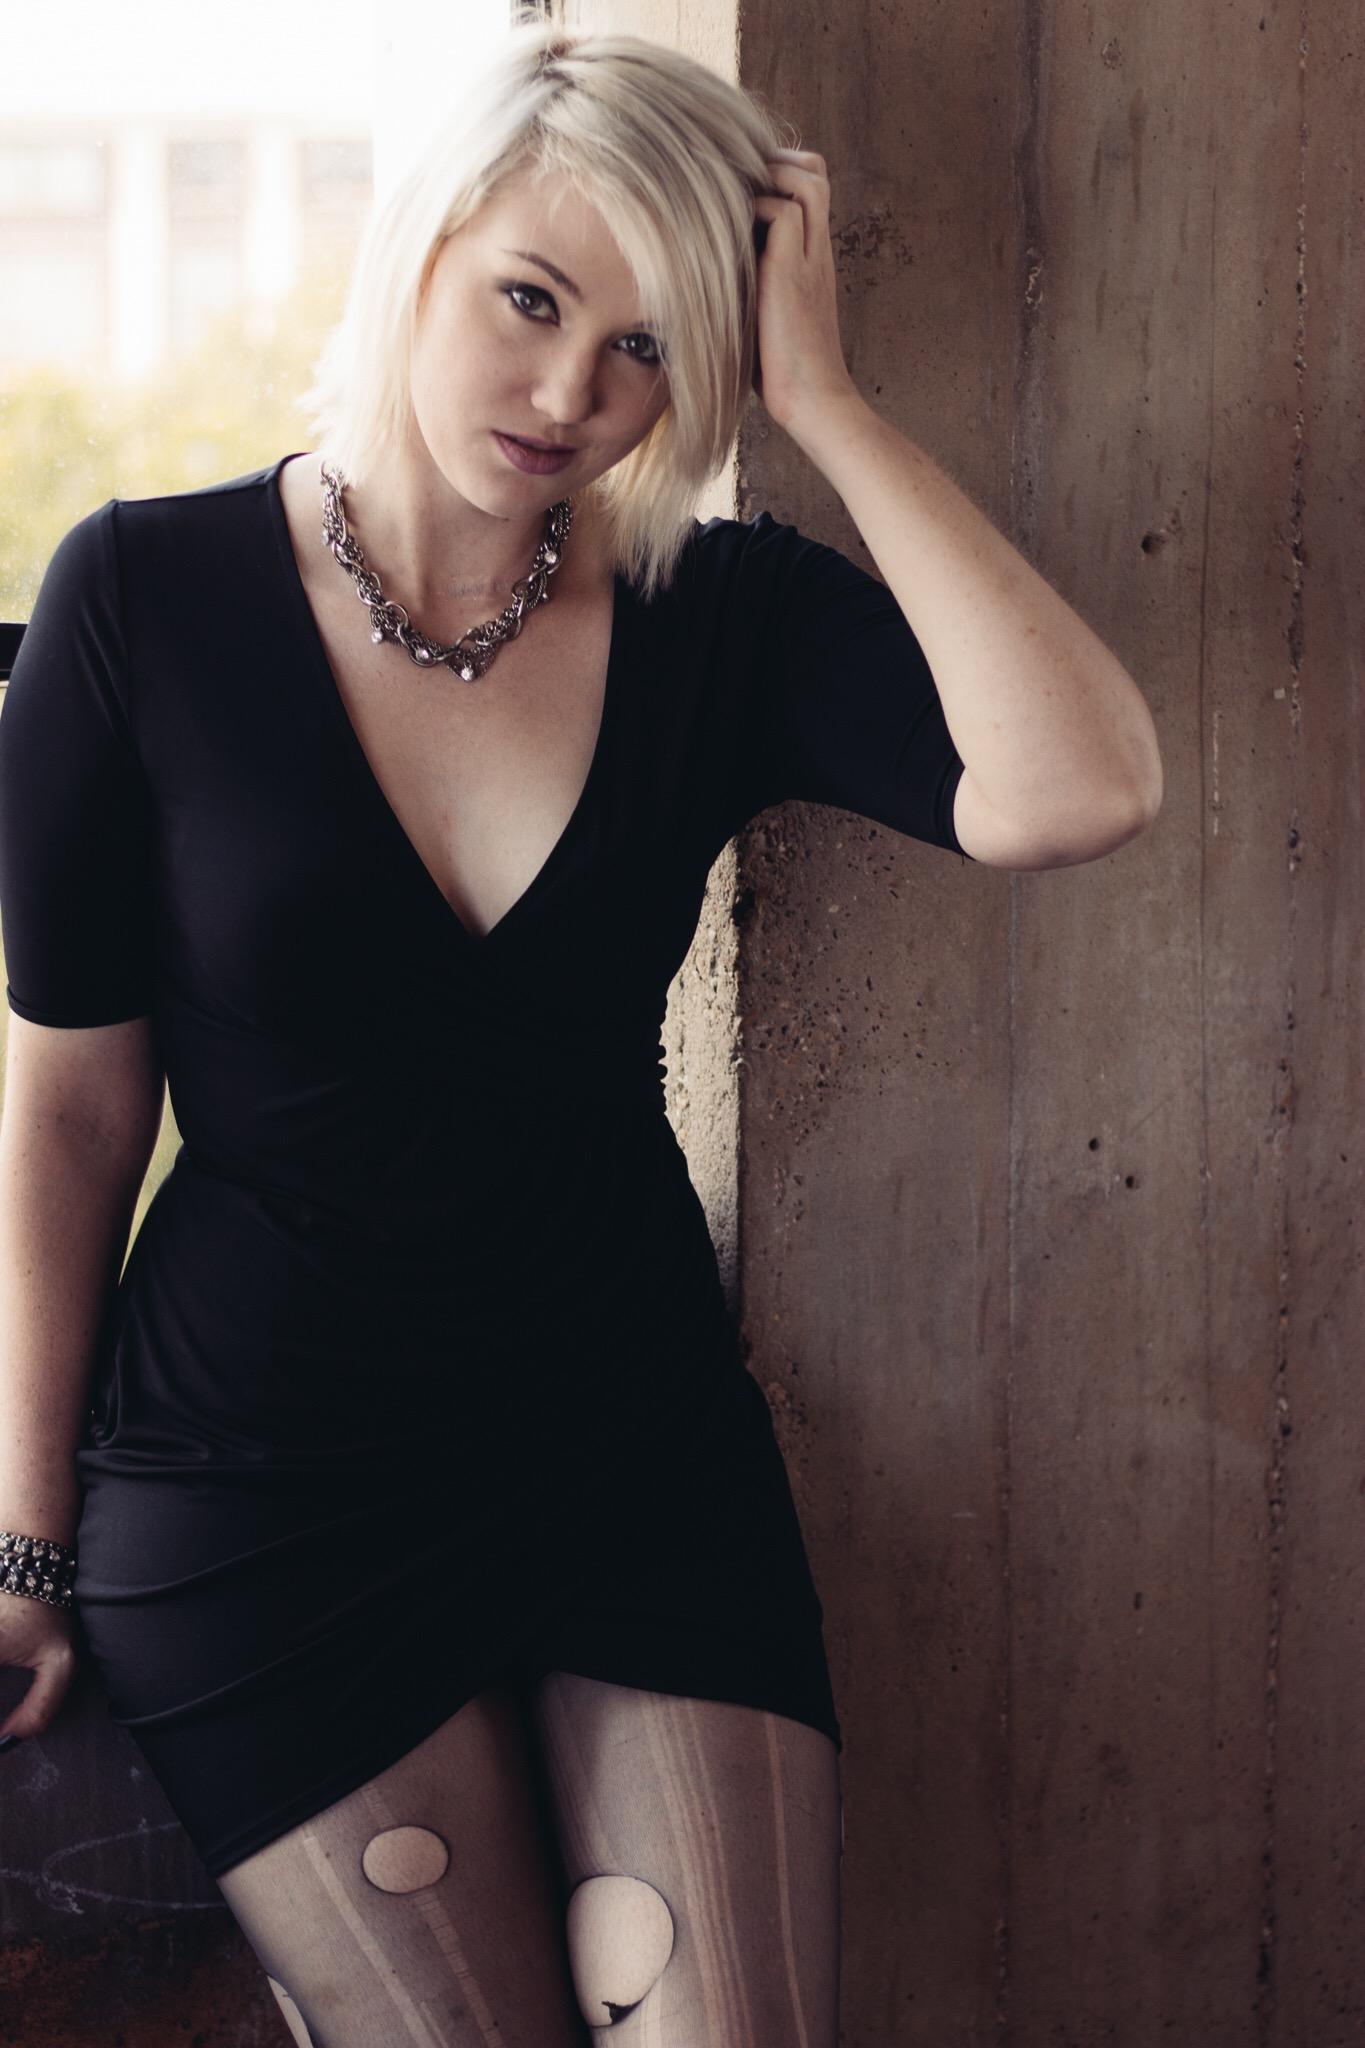 SuzAnne DeCarma